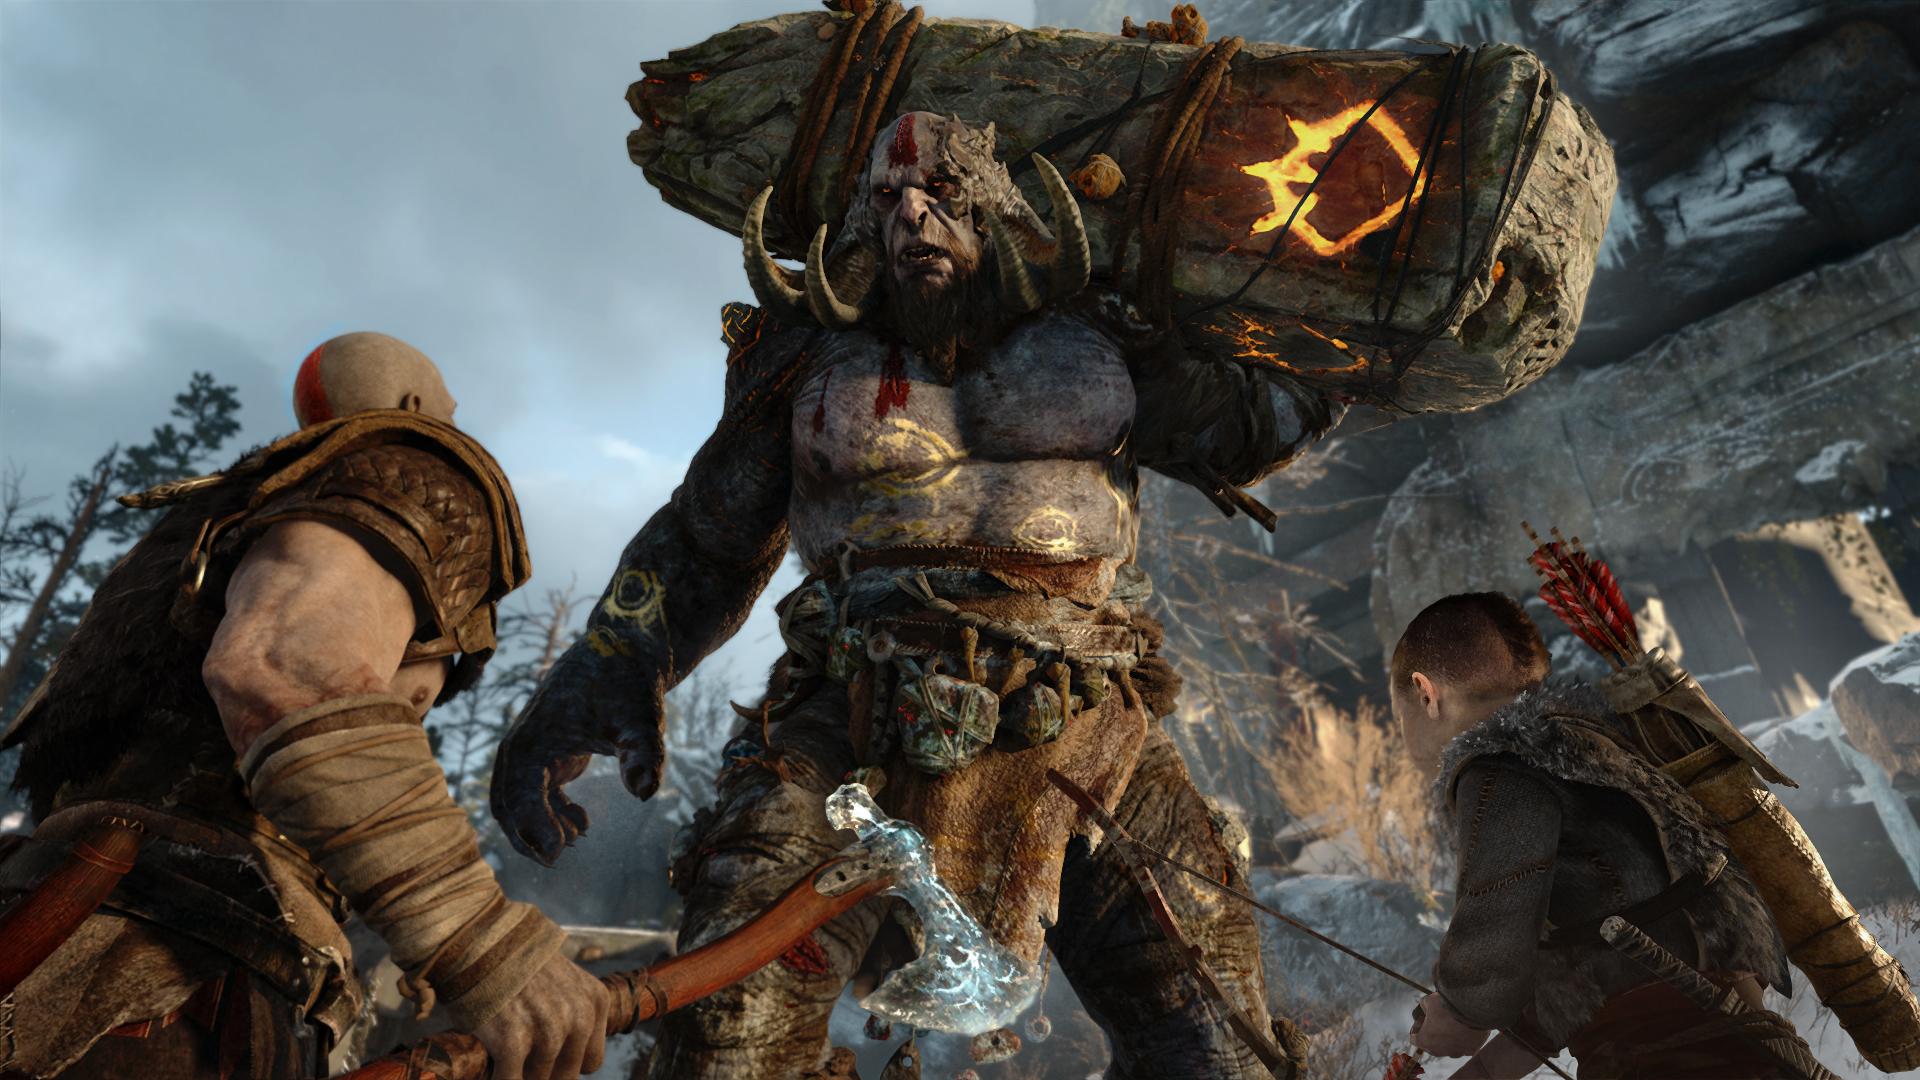 В новом трейлере God of War показали битву между великаном Тамуром и Тором